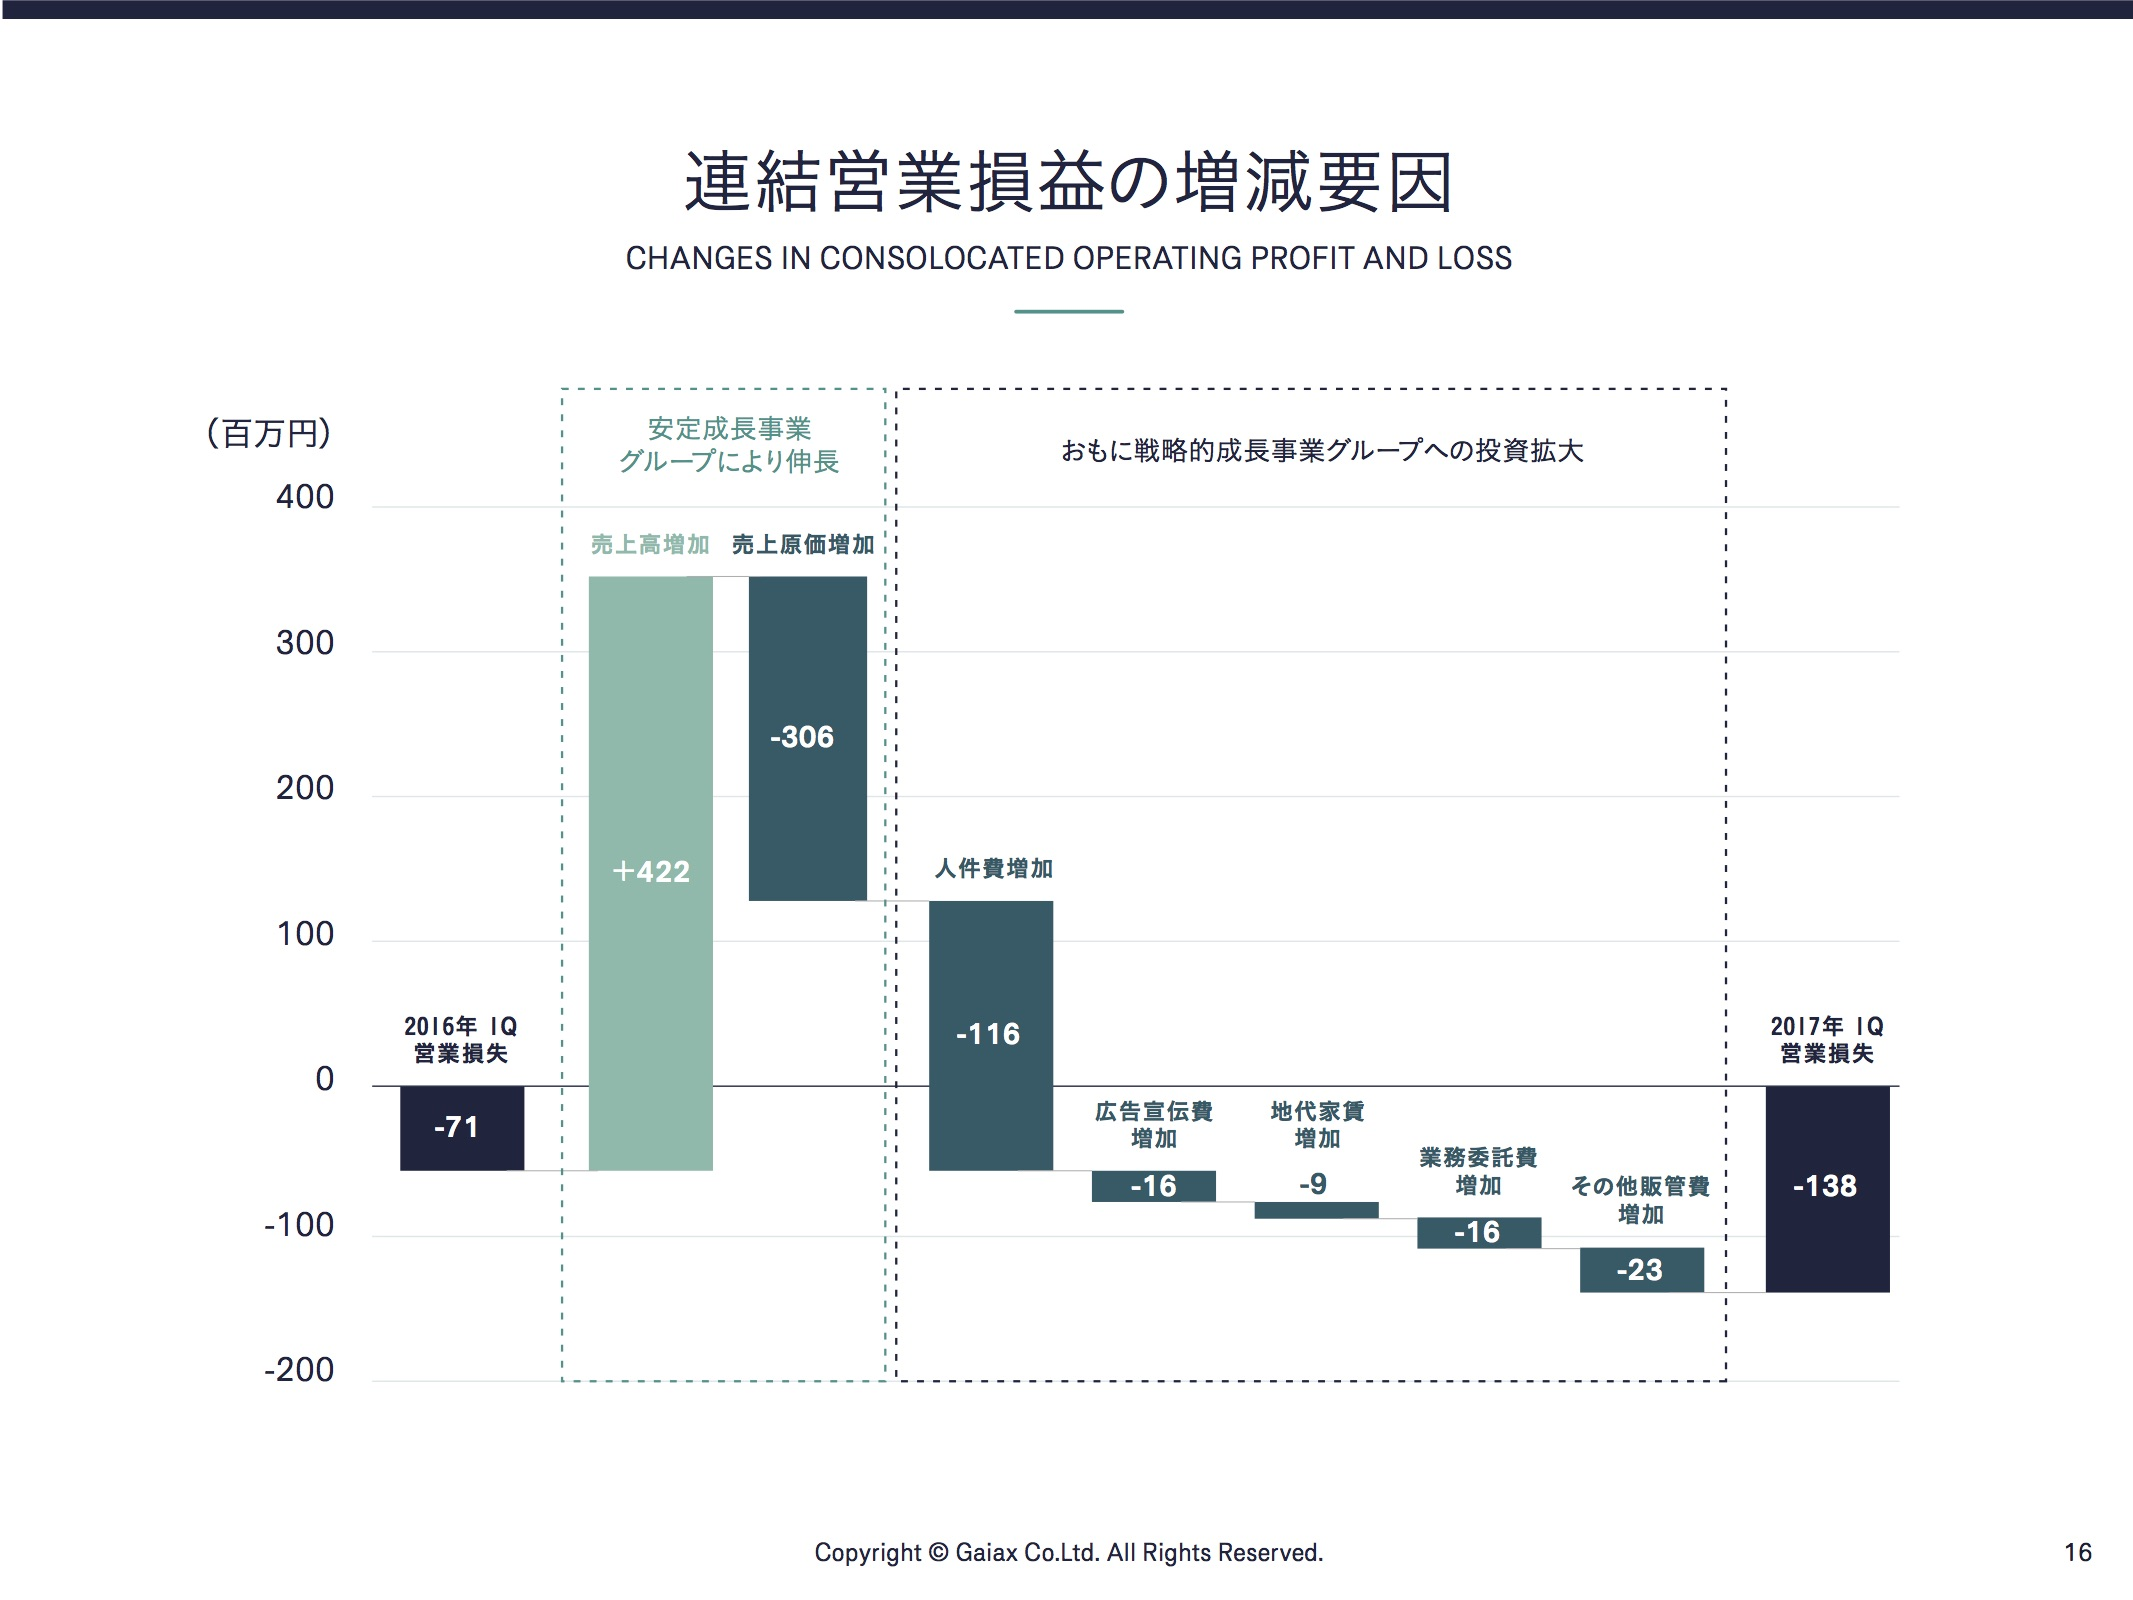 連結営業損益の増減要因